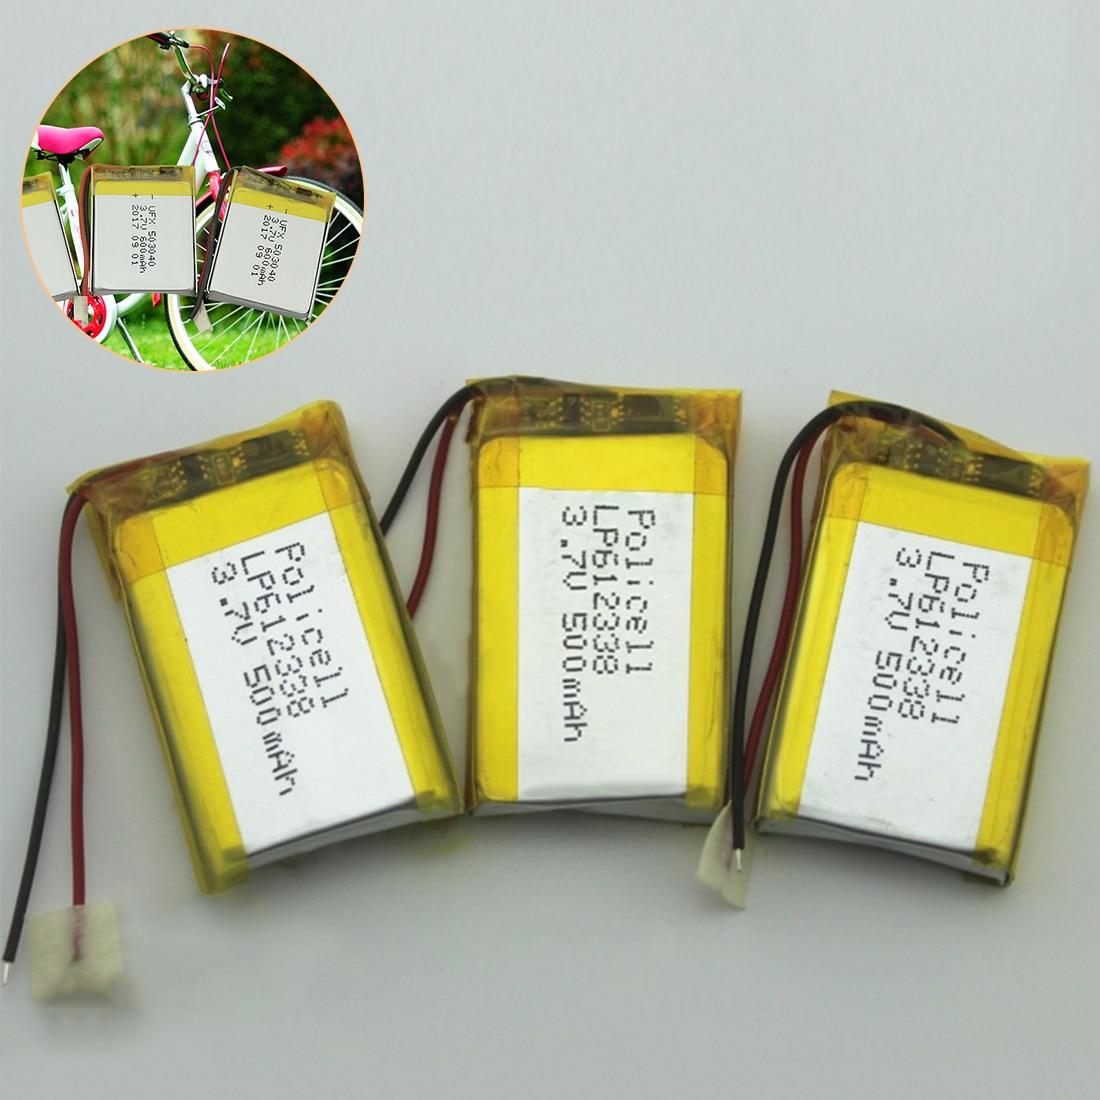 1 pièces Lithium Polymère 3.7 V 500 mAh 612338 Li-po Accumulateur Li-ion Cellules Lipo pour DVR GPS MP3 MP4 Téléphone Portable Haut-Parleur